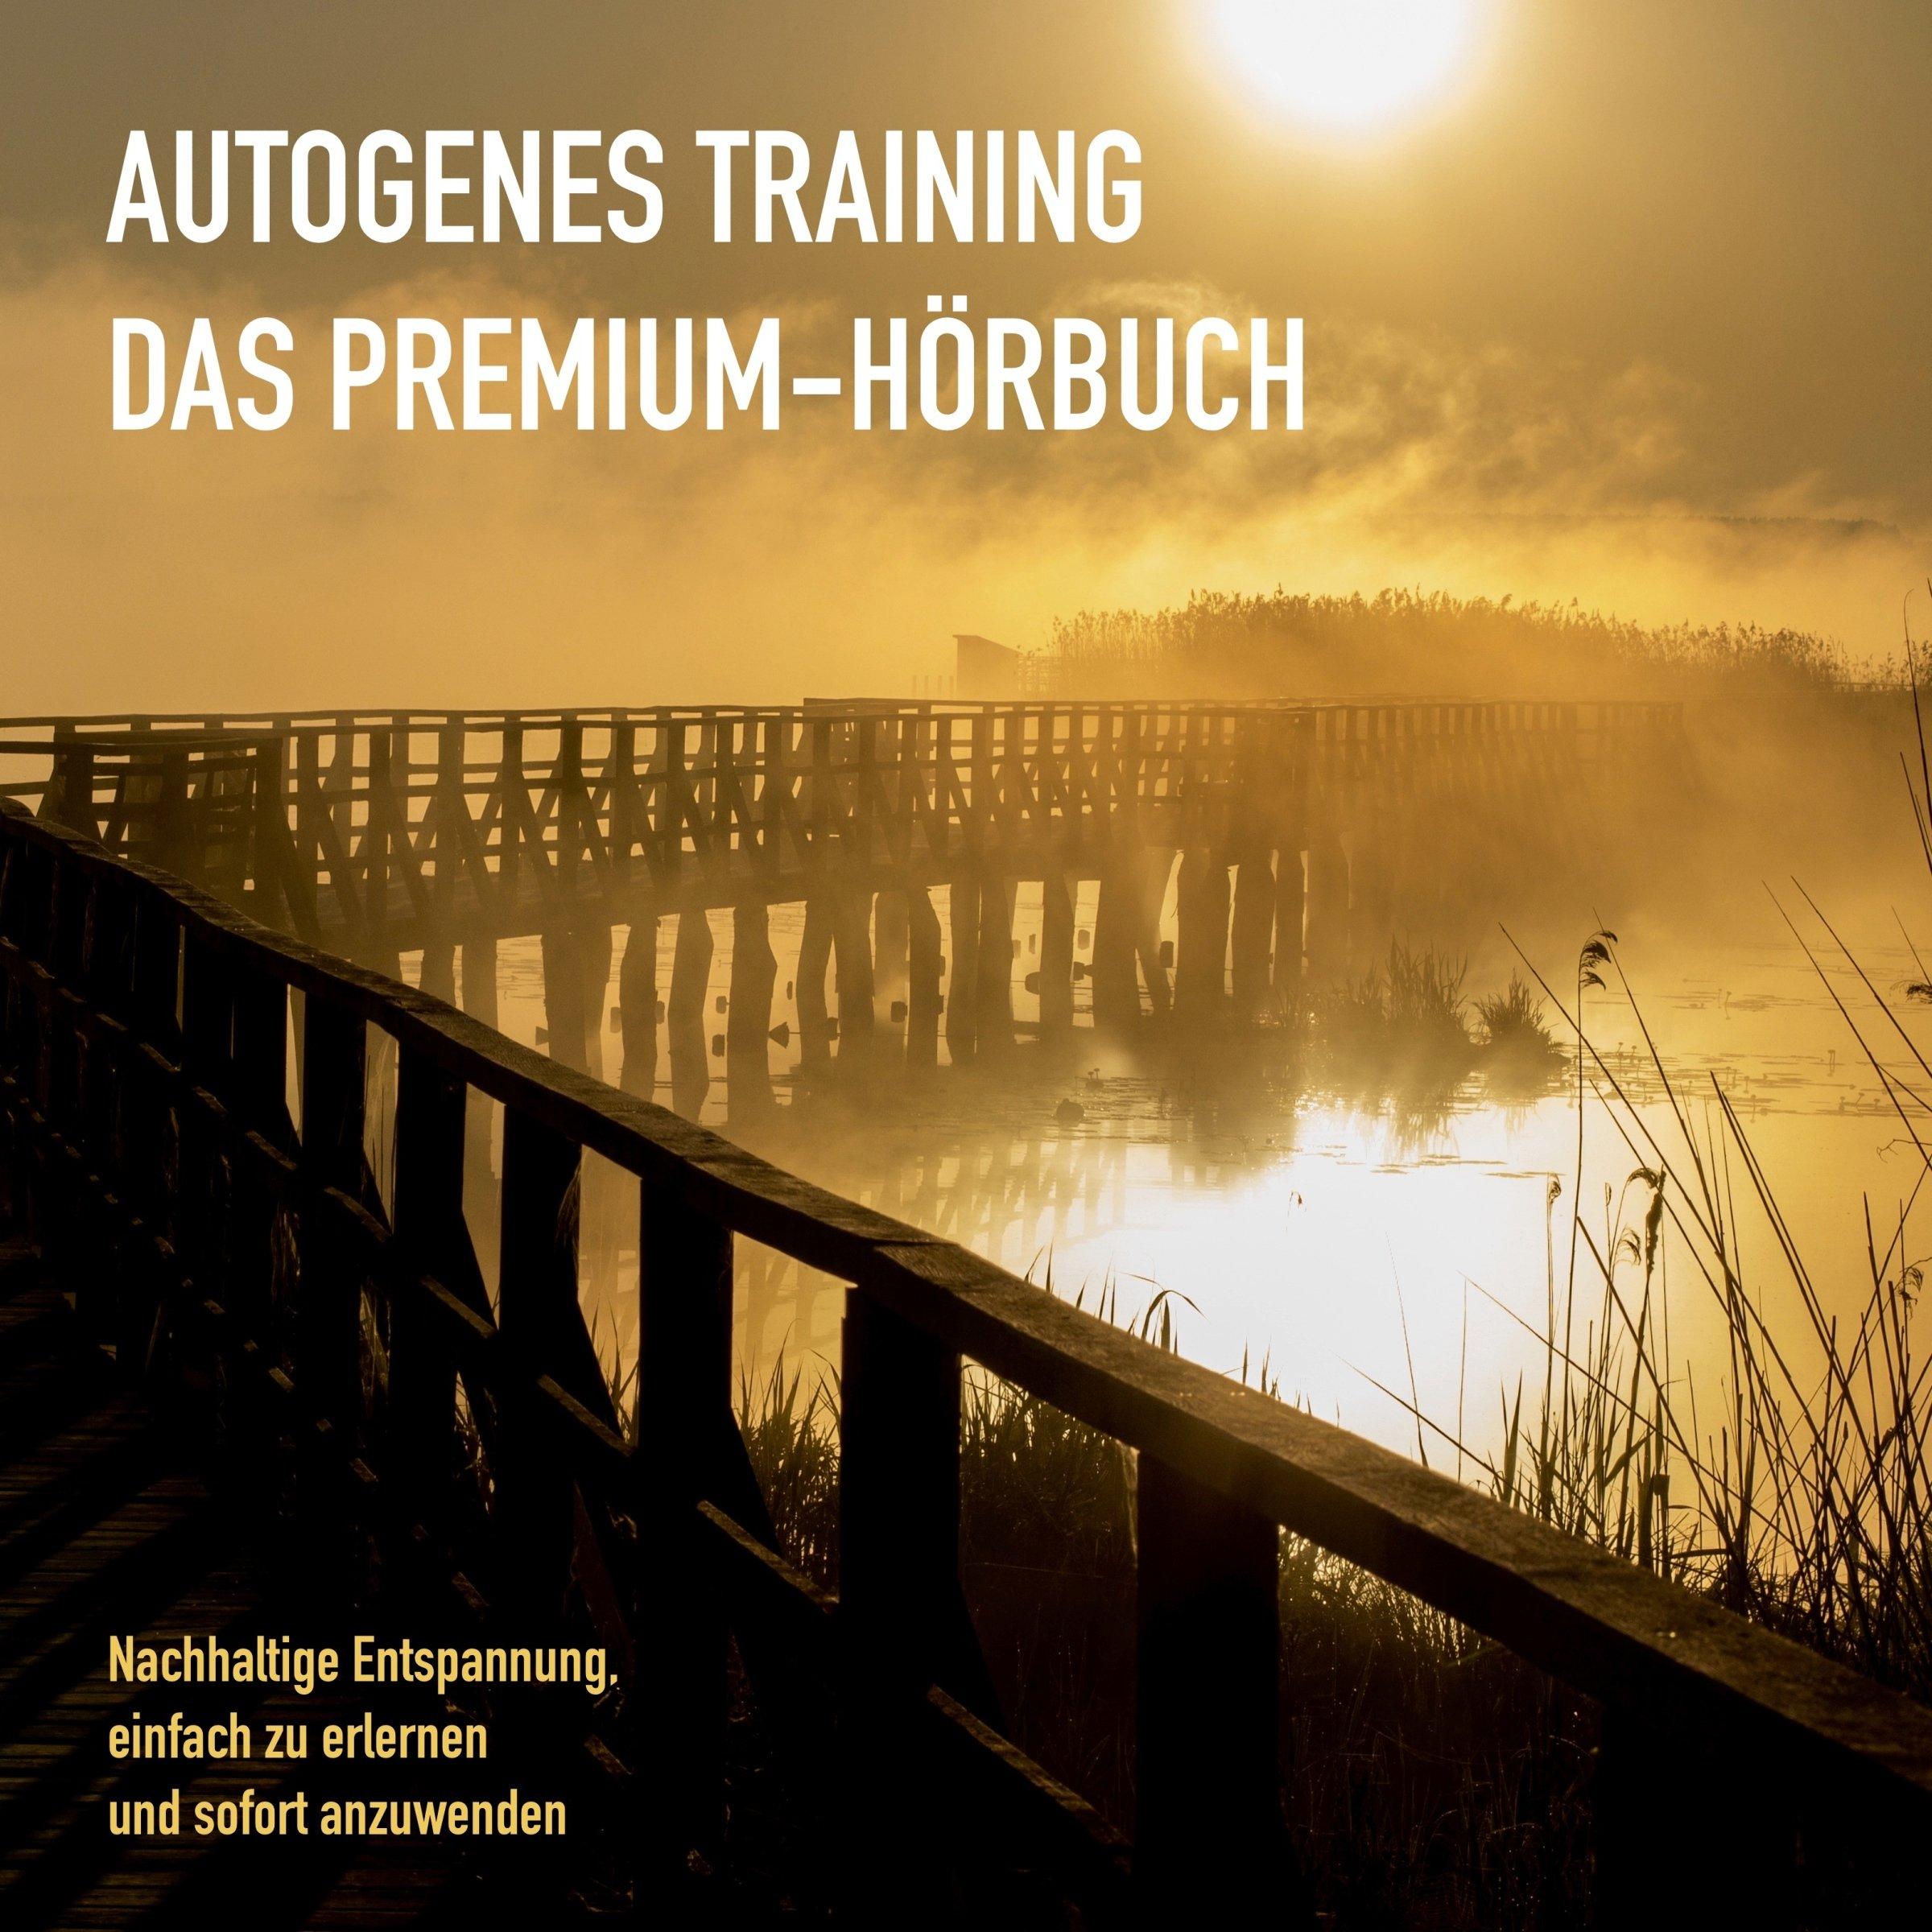 Autogenes Training  Das Premium Hörbuch   Nachhaltige Entspannung Einfach Zu Erlernen Und Sofort Anzuwenden